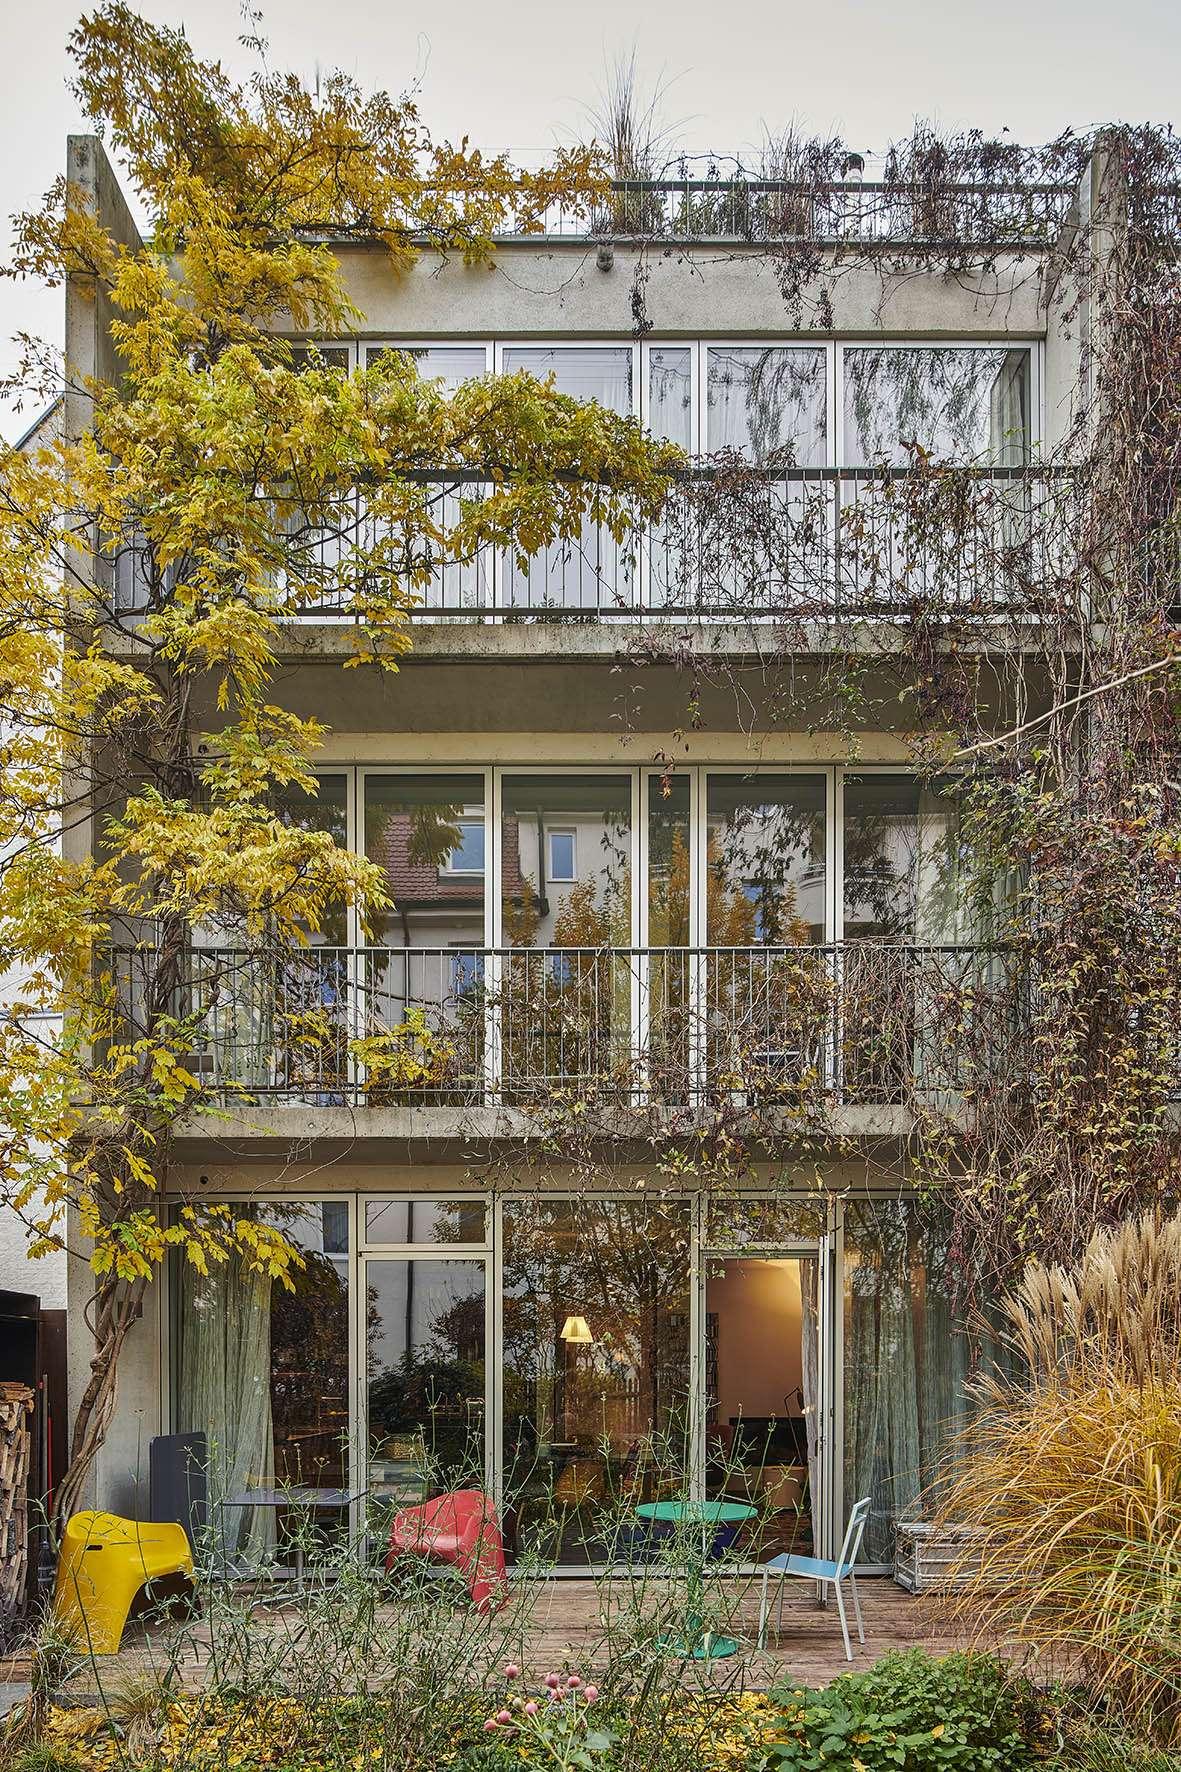 Stadthaus in Altsendling - 5 Zimmer, große Dachterrasse und kleiner Garten